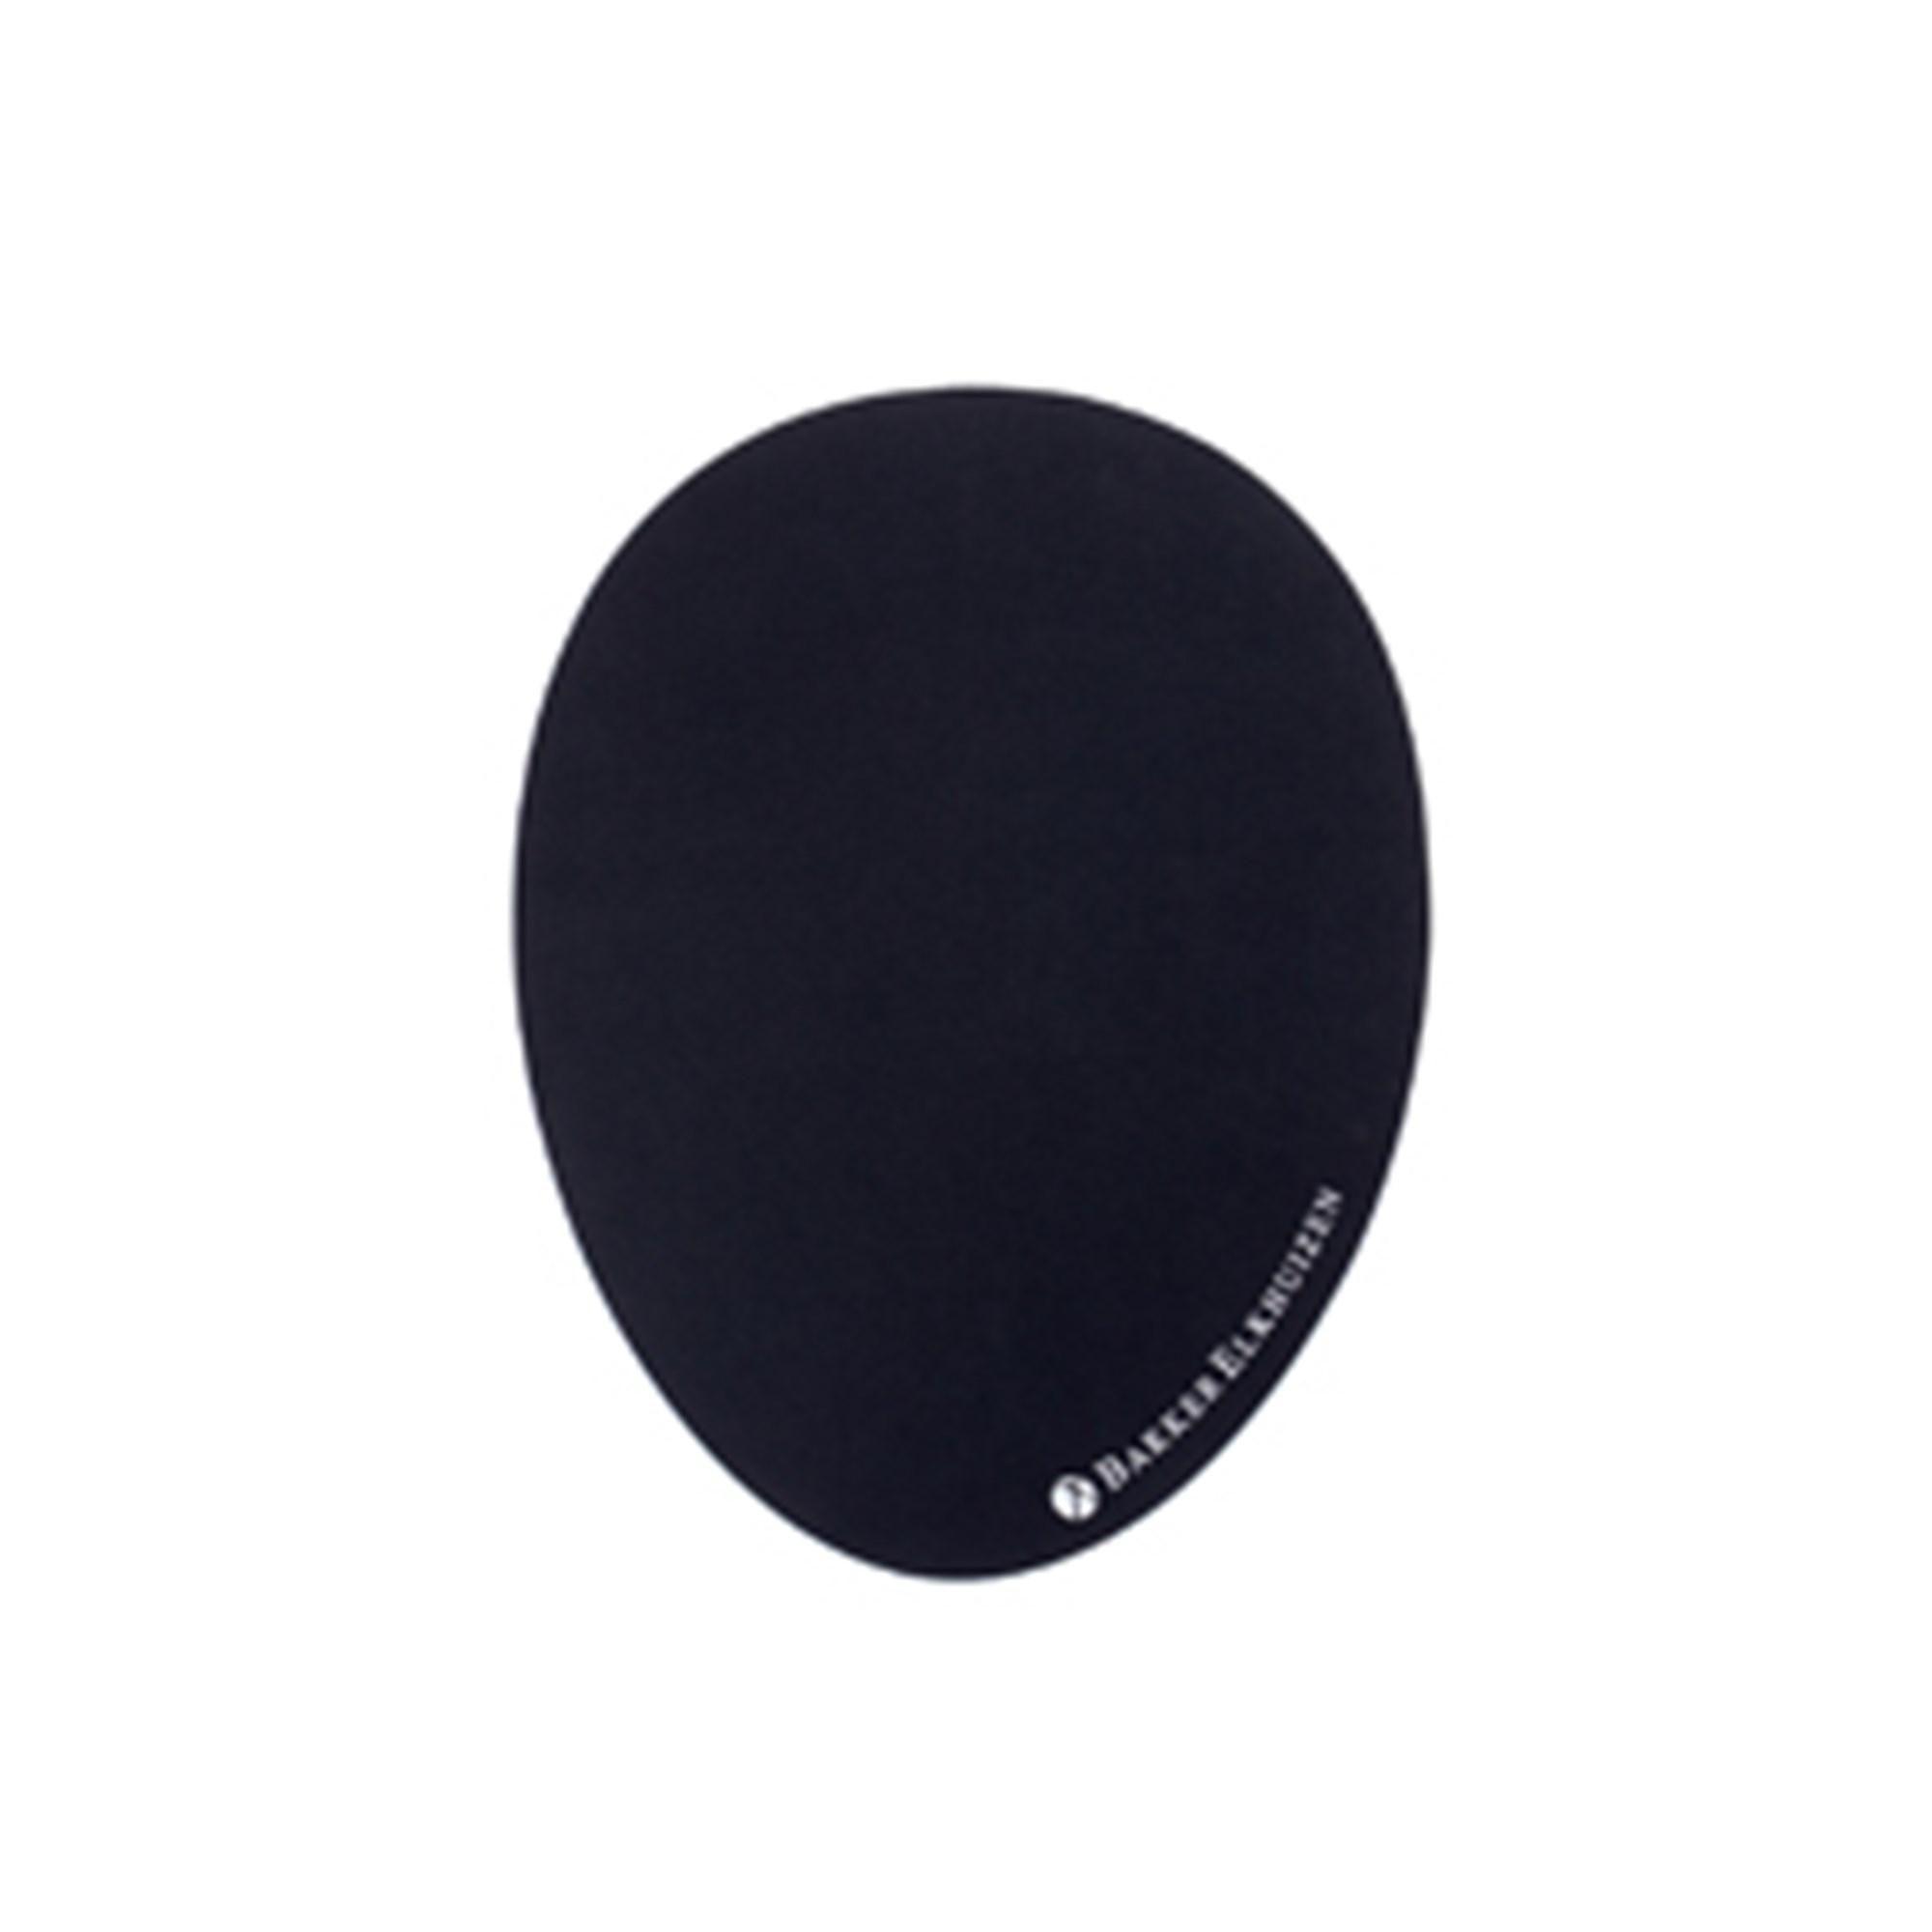 Image of BakkerElkhuizen Ergo Mouse Pad Black